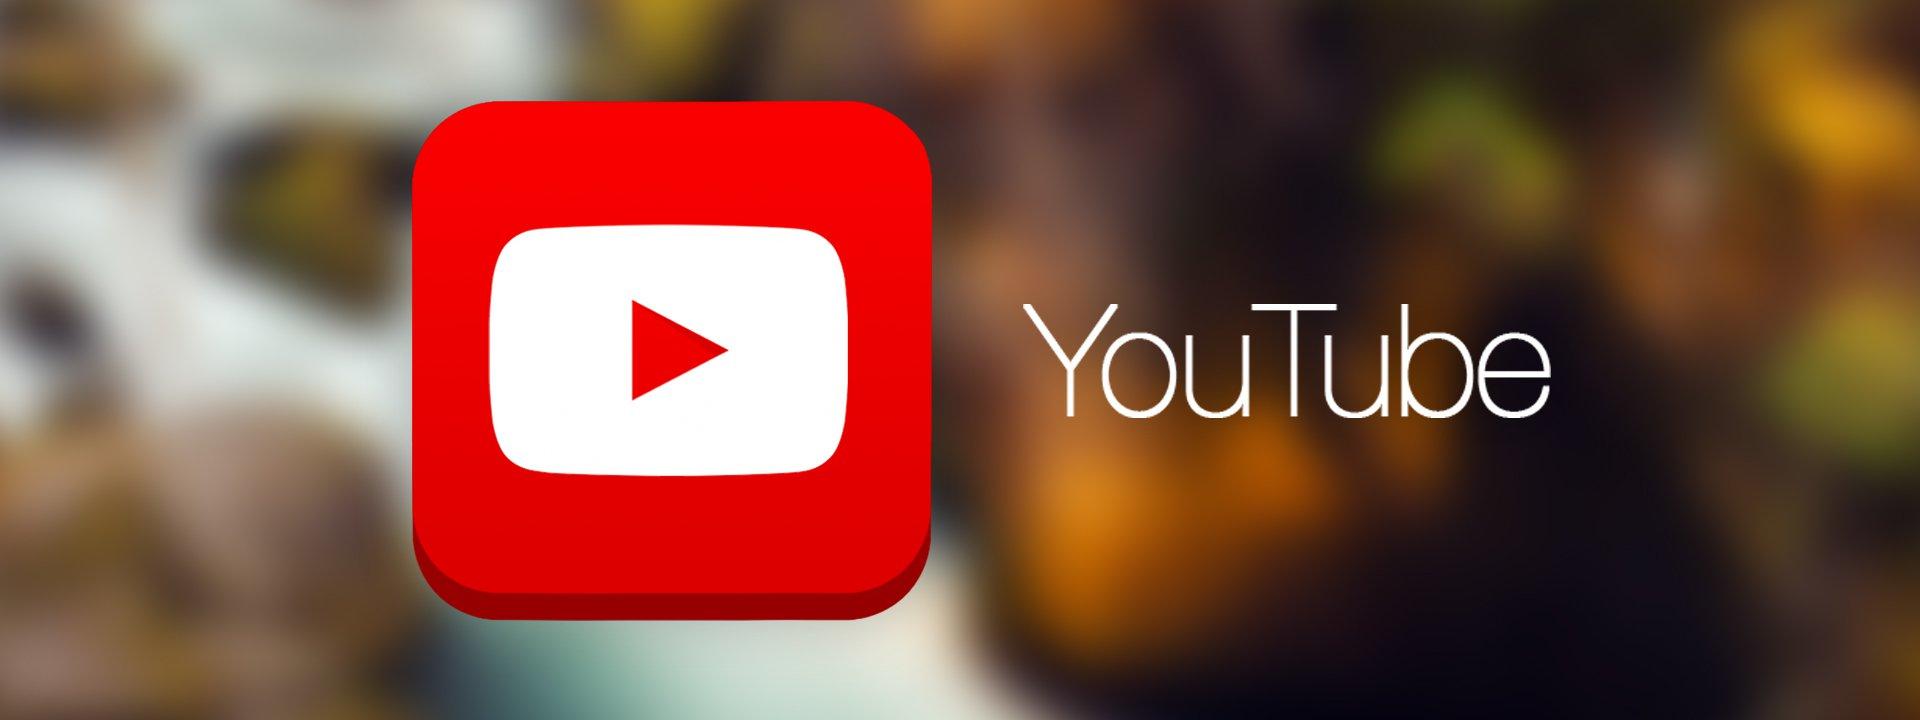 YouTube поліпшив свої результати пошуку: що змінилося? - Фото 1